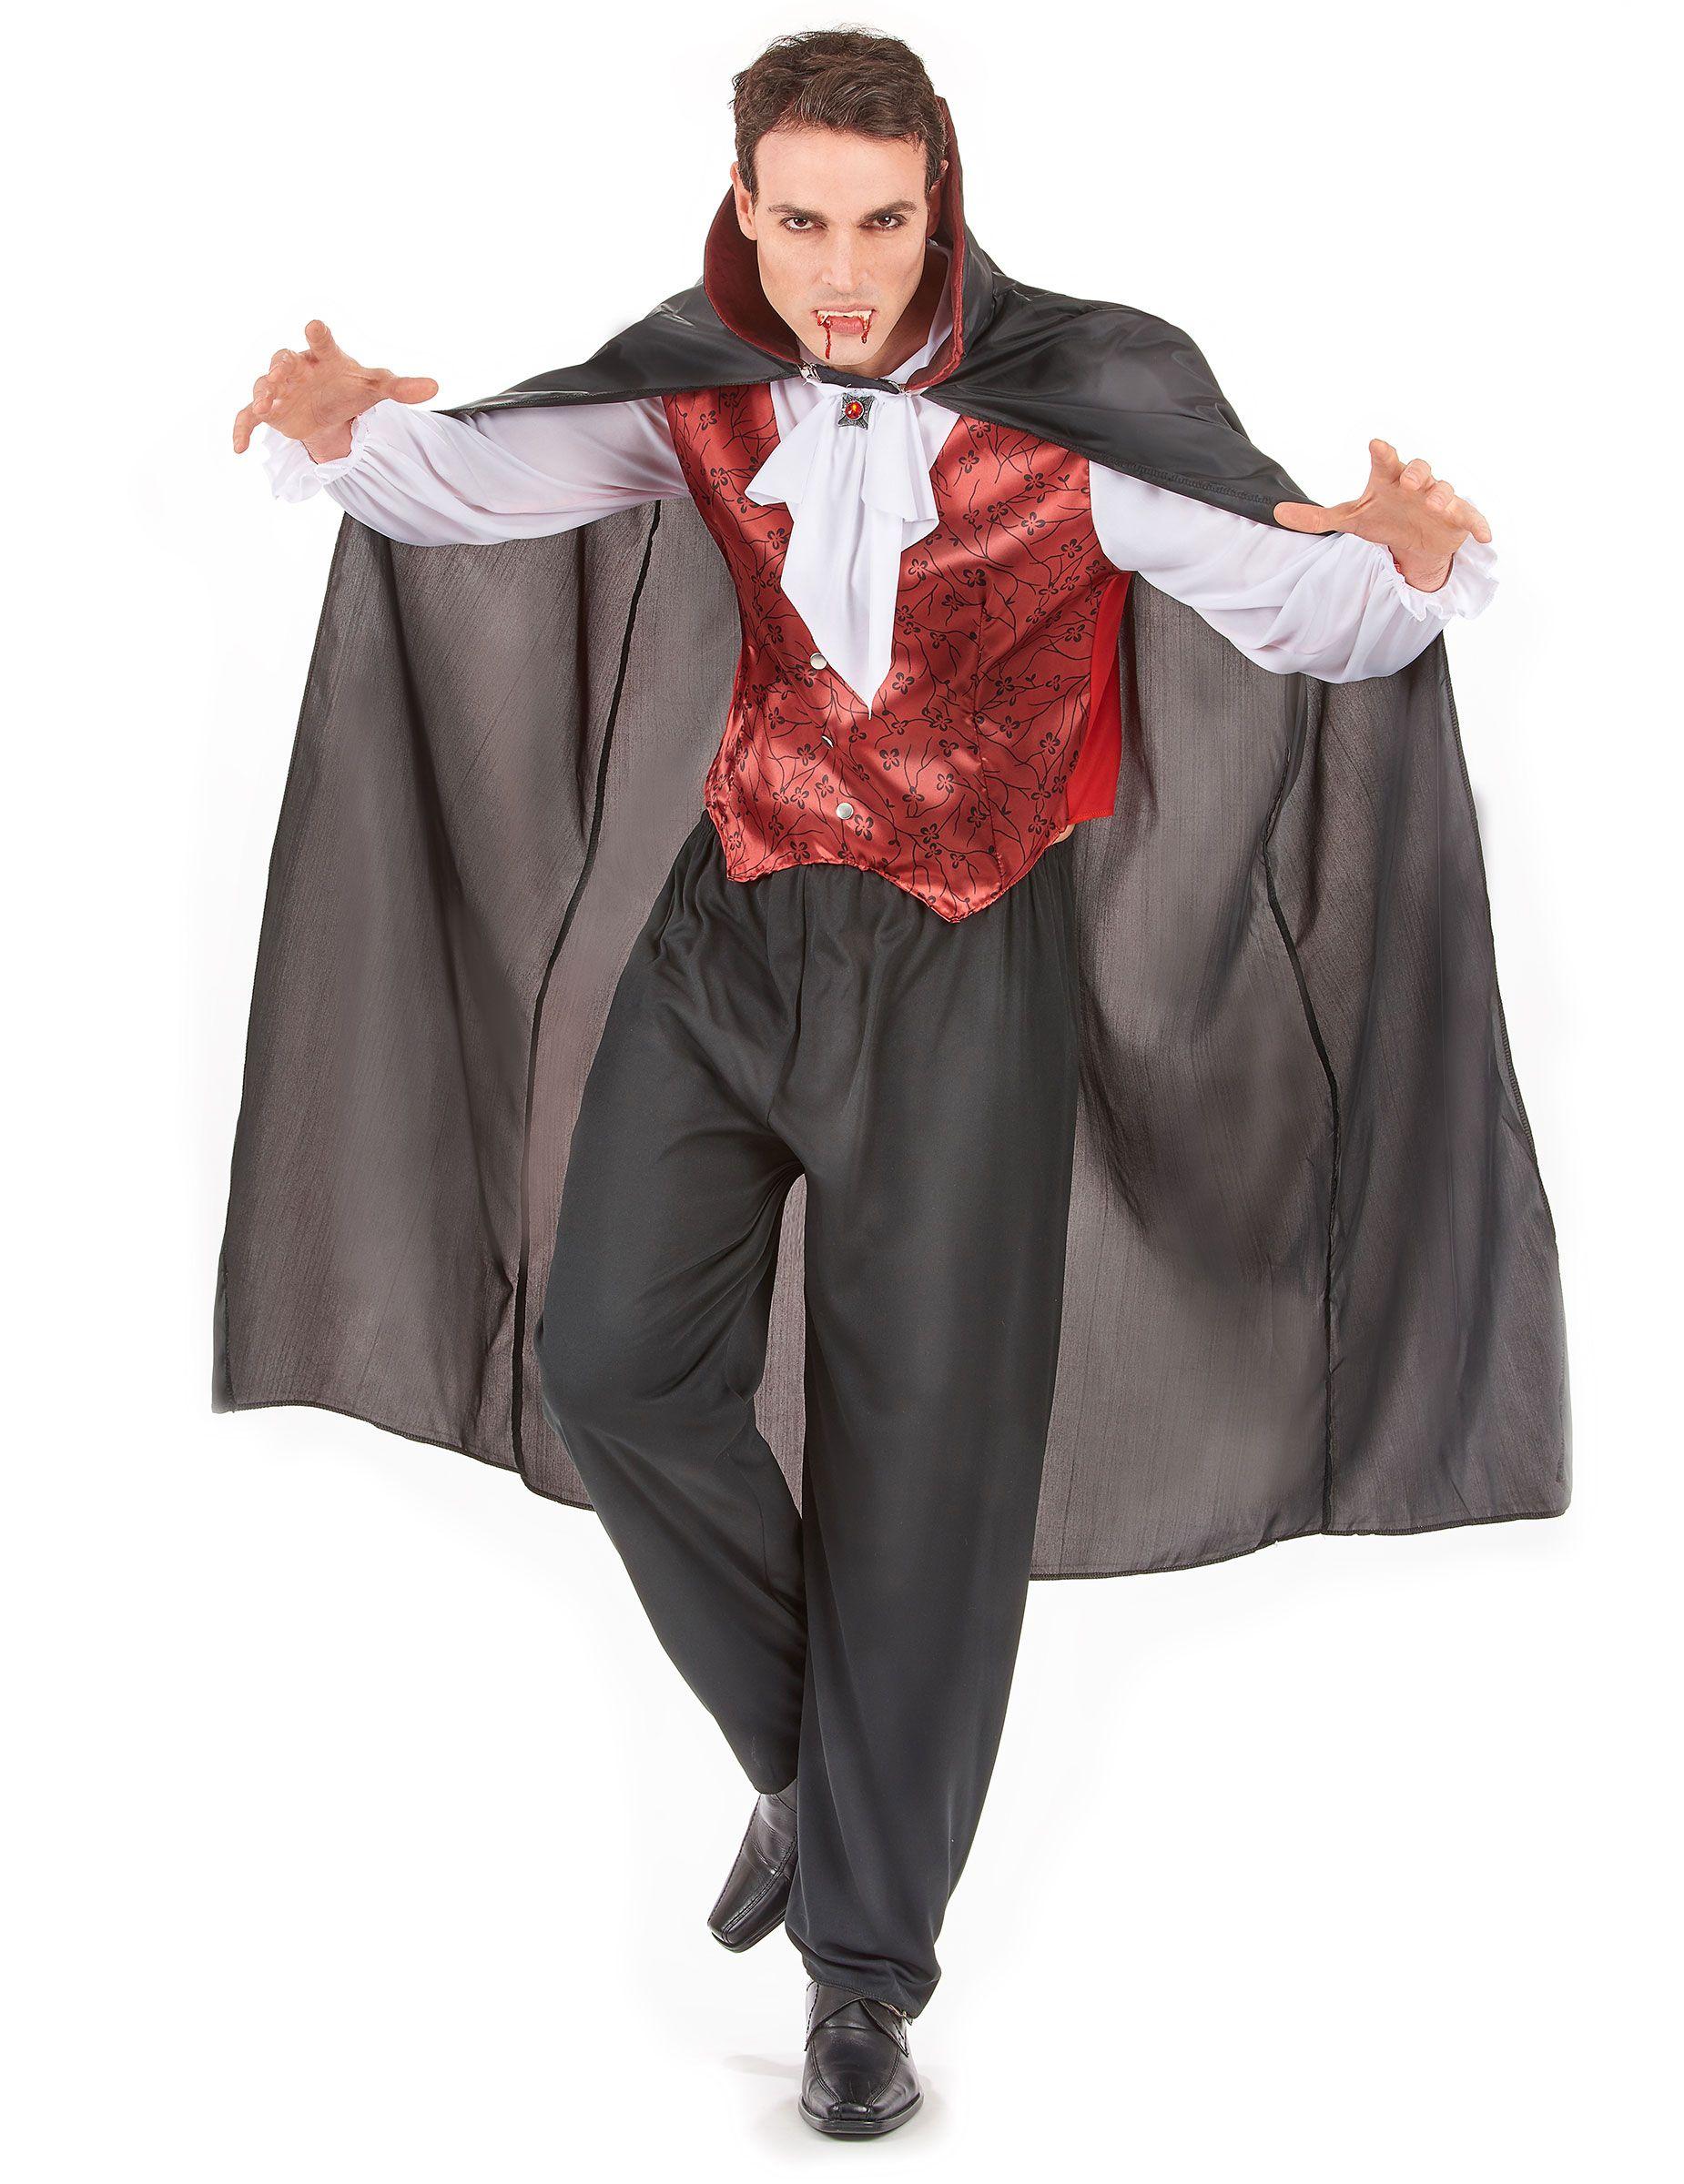 48e50be46f92b ... hombre ideal para Halloween  Disfraz de vampiro para hombre compuesto  por un chaleco color burdeos con botones integrado en una camisa blanca  satinada